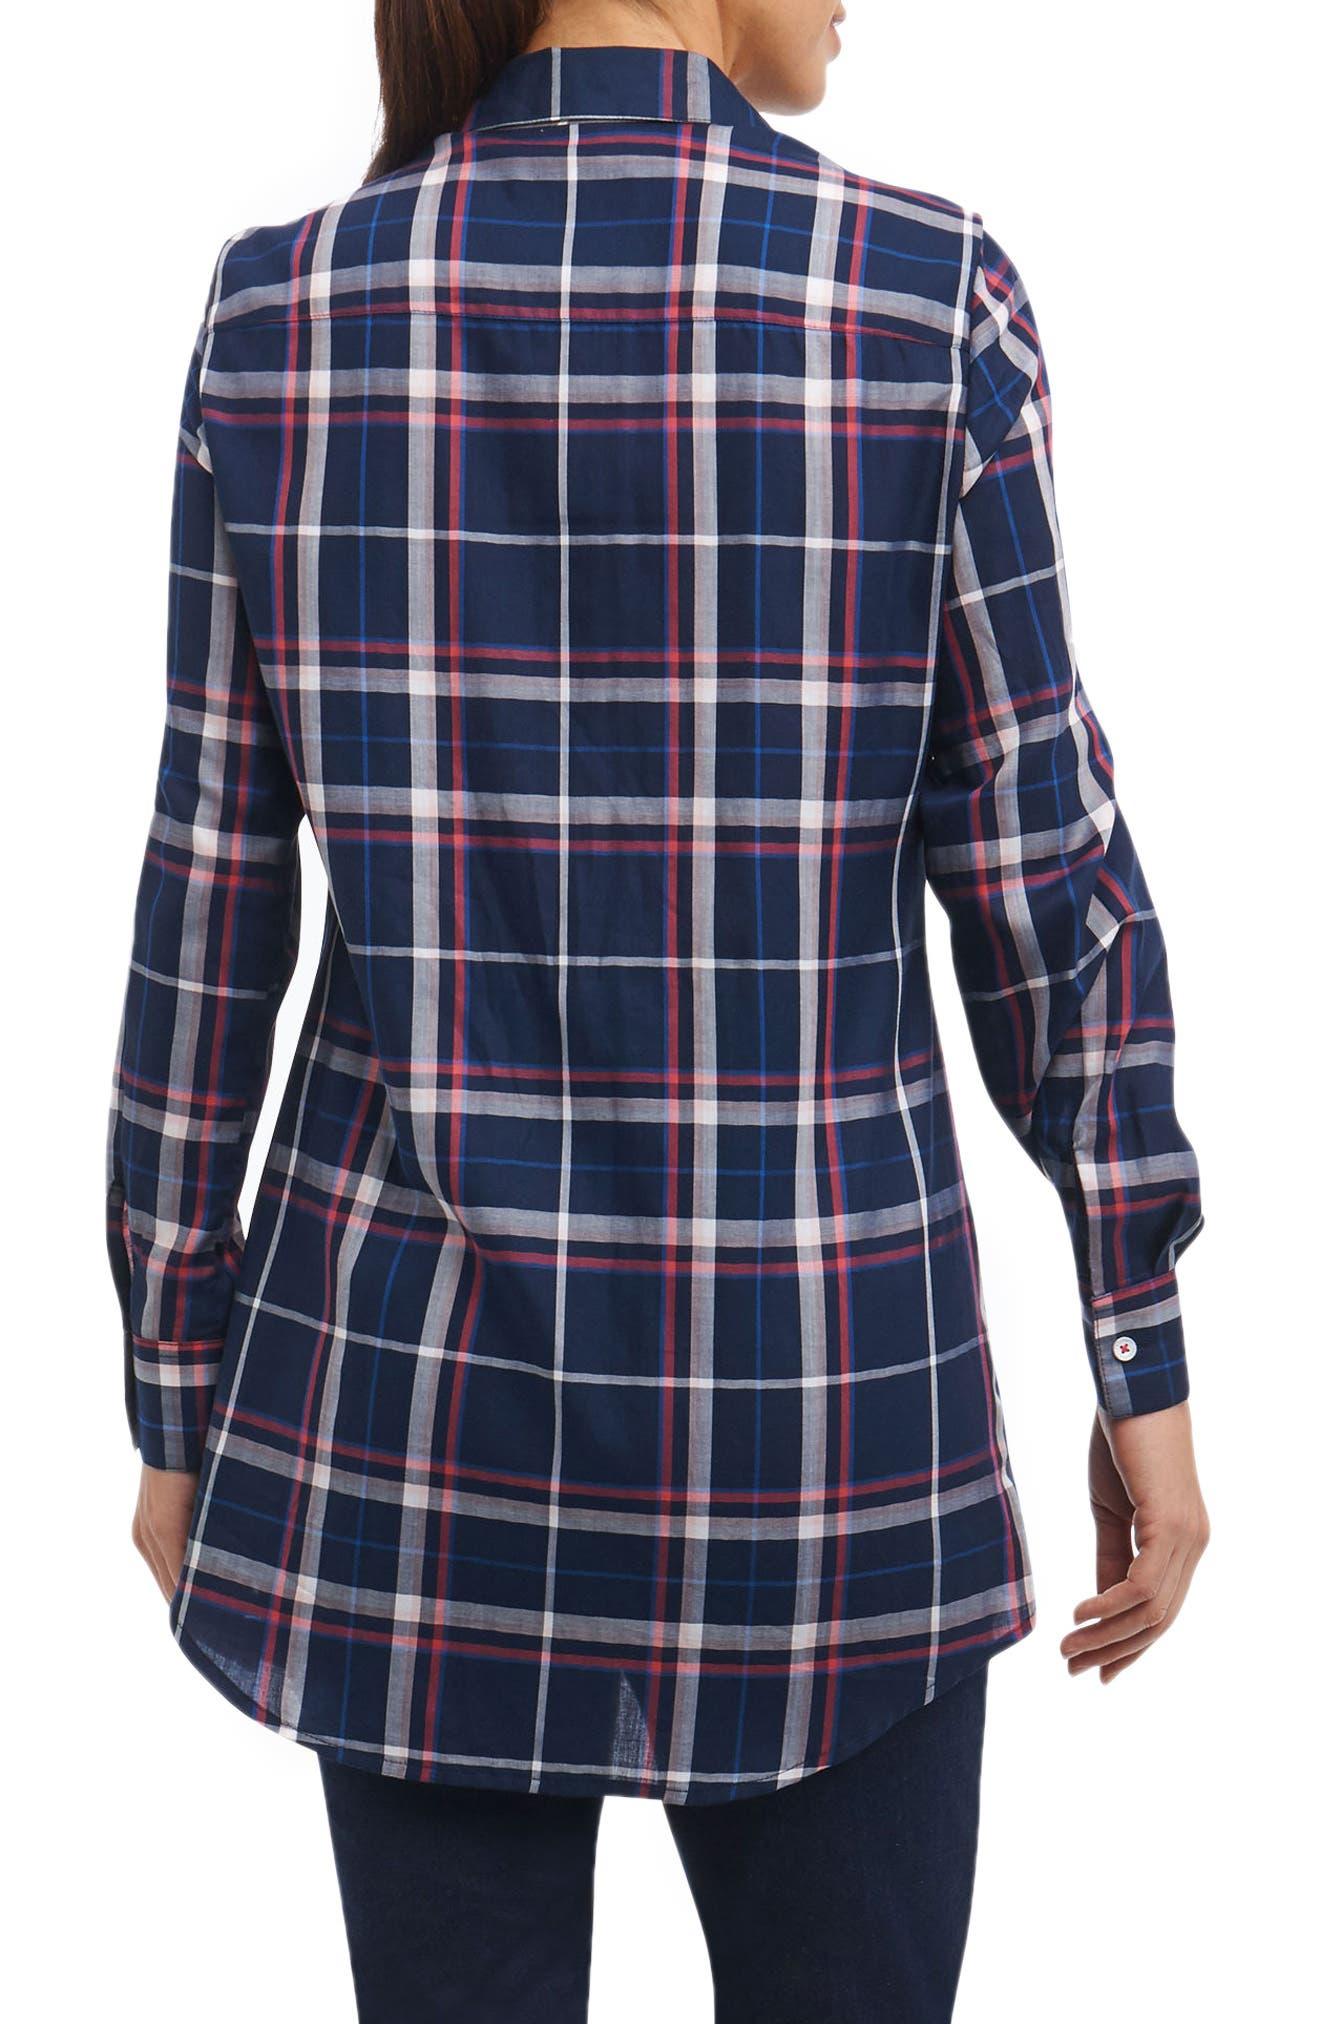 Cici Plaid Shirt,                             Alternate thumbnail 2, color,                             462